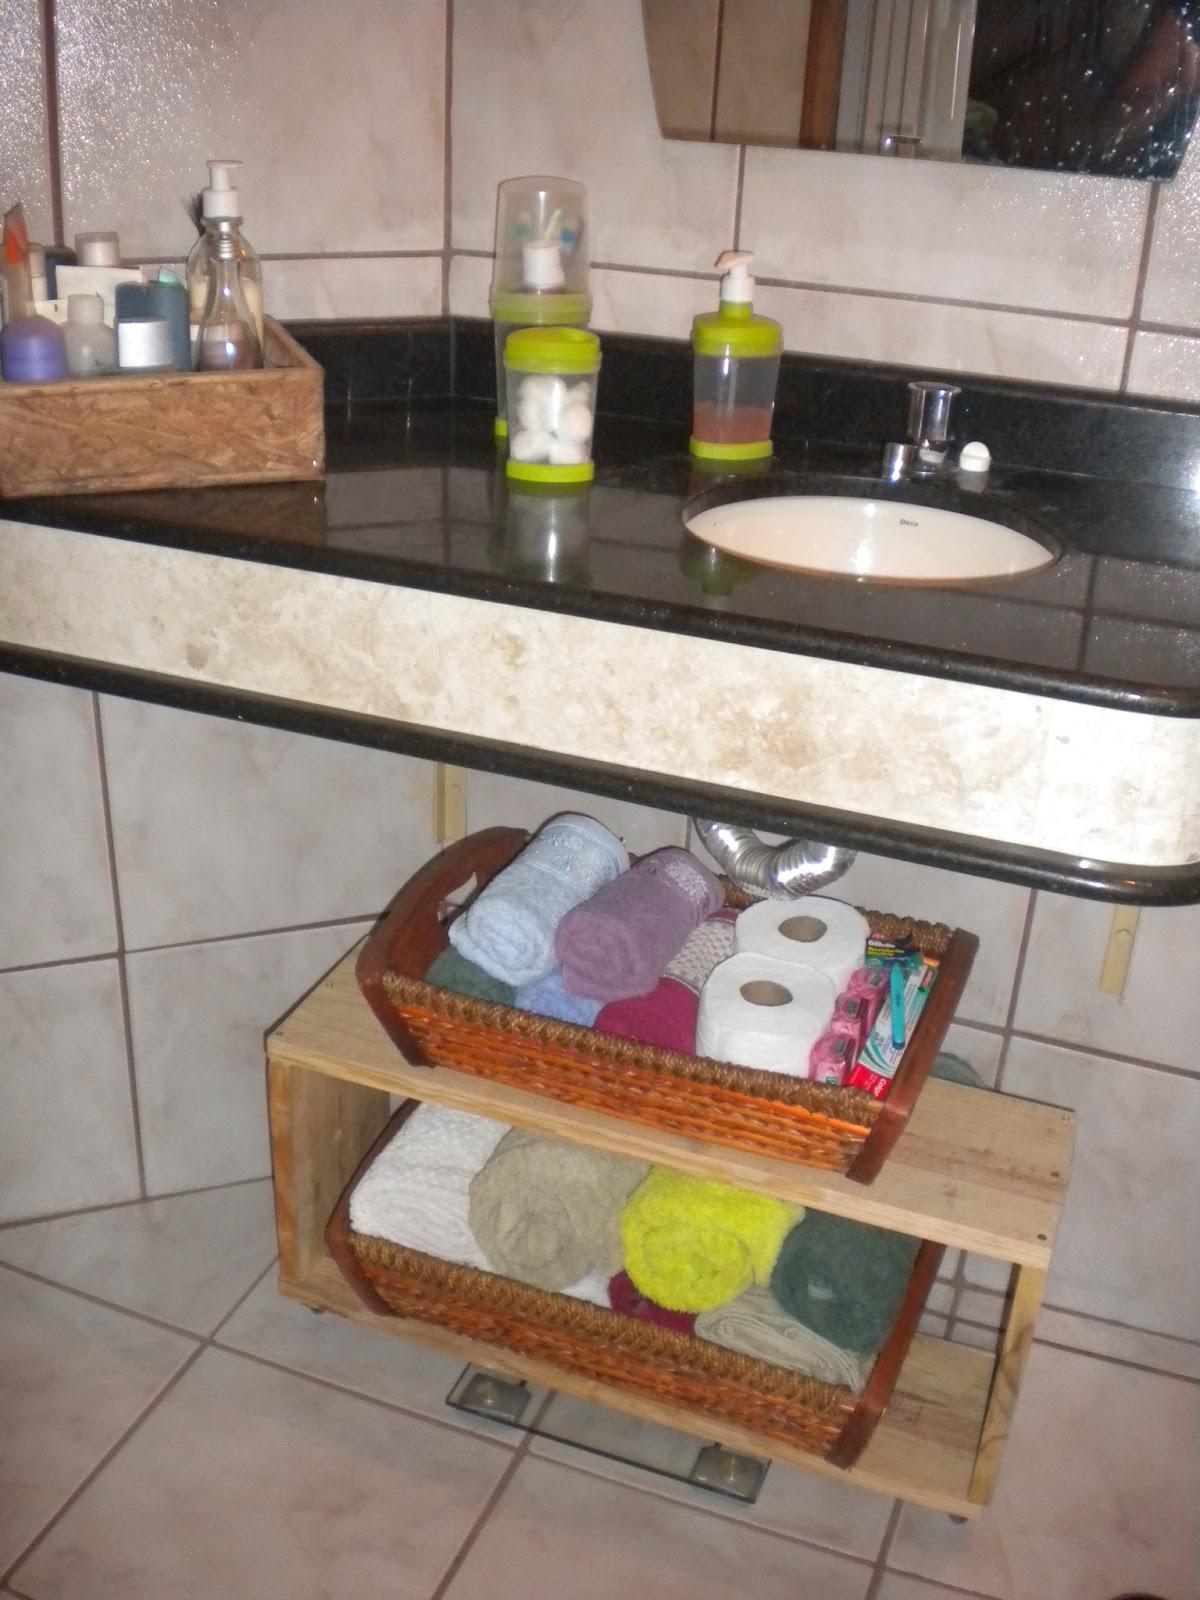 CASA & DECORAÇÃO FAÇA VOCÊ MESMO UM NINCHO PARA BANHEIRO -> Faca Você Mesmo Decoracao De Banheiro